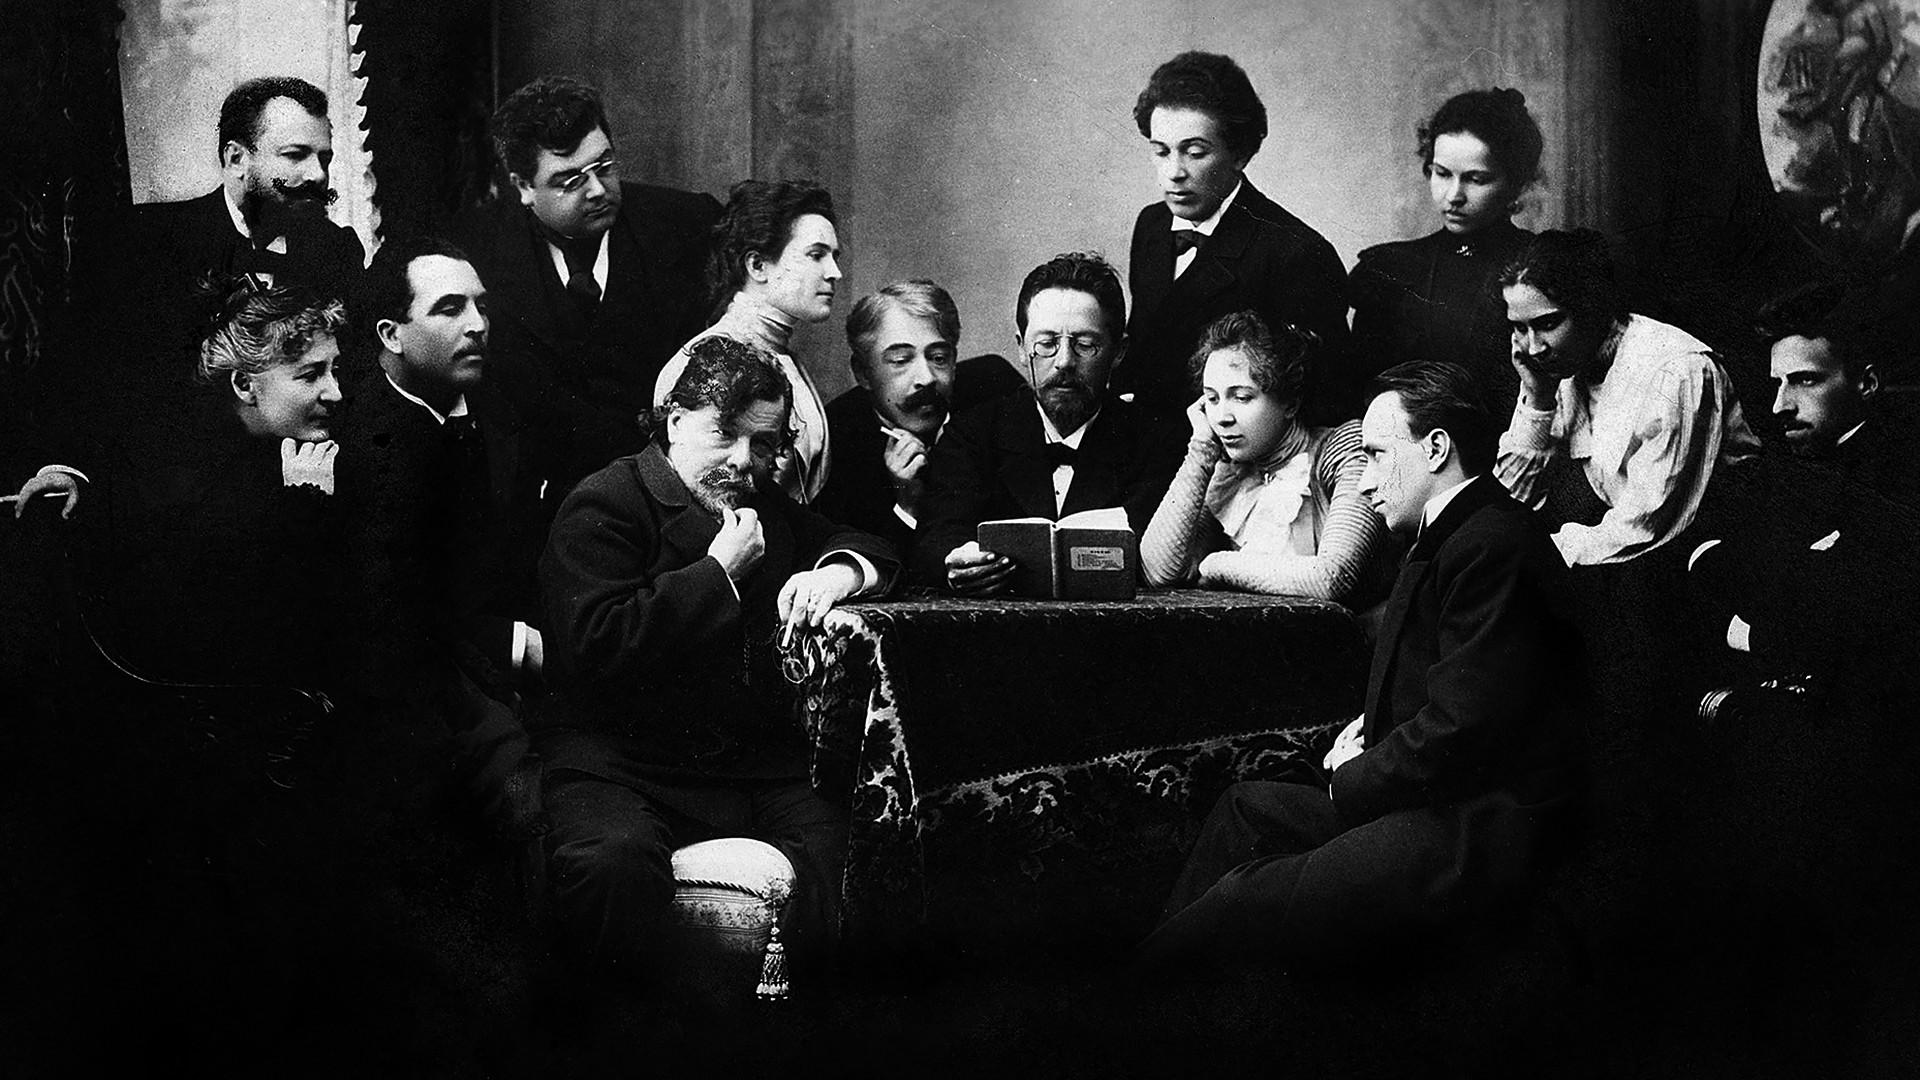 Tschechow liest 'Die Möwe' vor Schauspielern. Konstantin Stanislawskij (links), Olga Knipper (zweite von links), Wsewolod Meyerhold (rechts) und Wladimir Nemirowitsch-Dantschenko (links stehend)